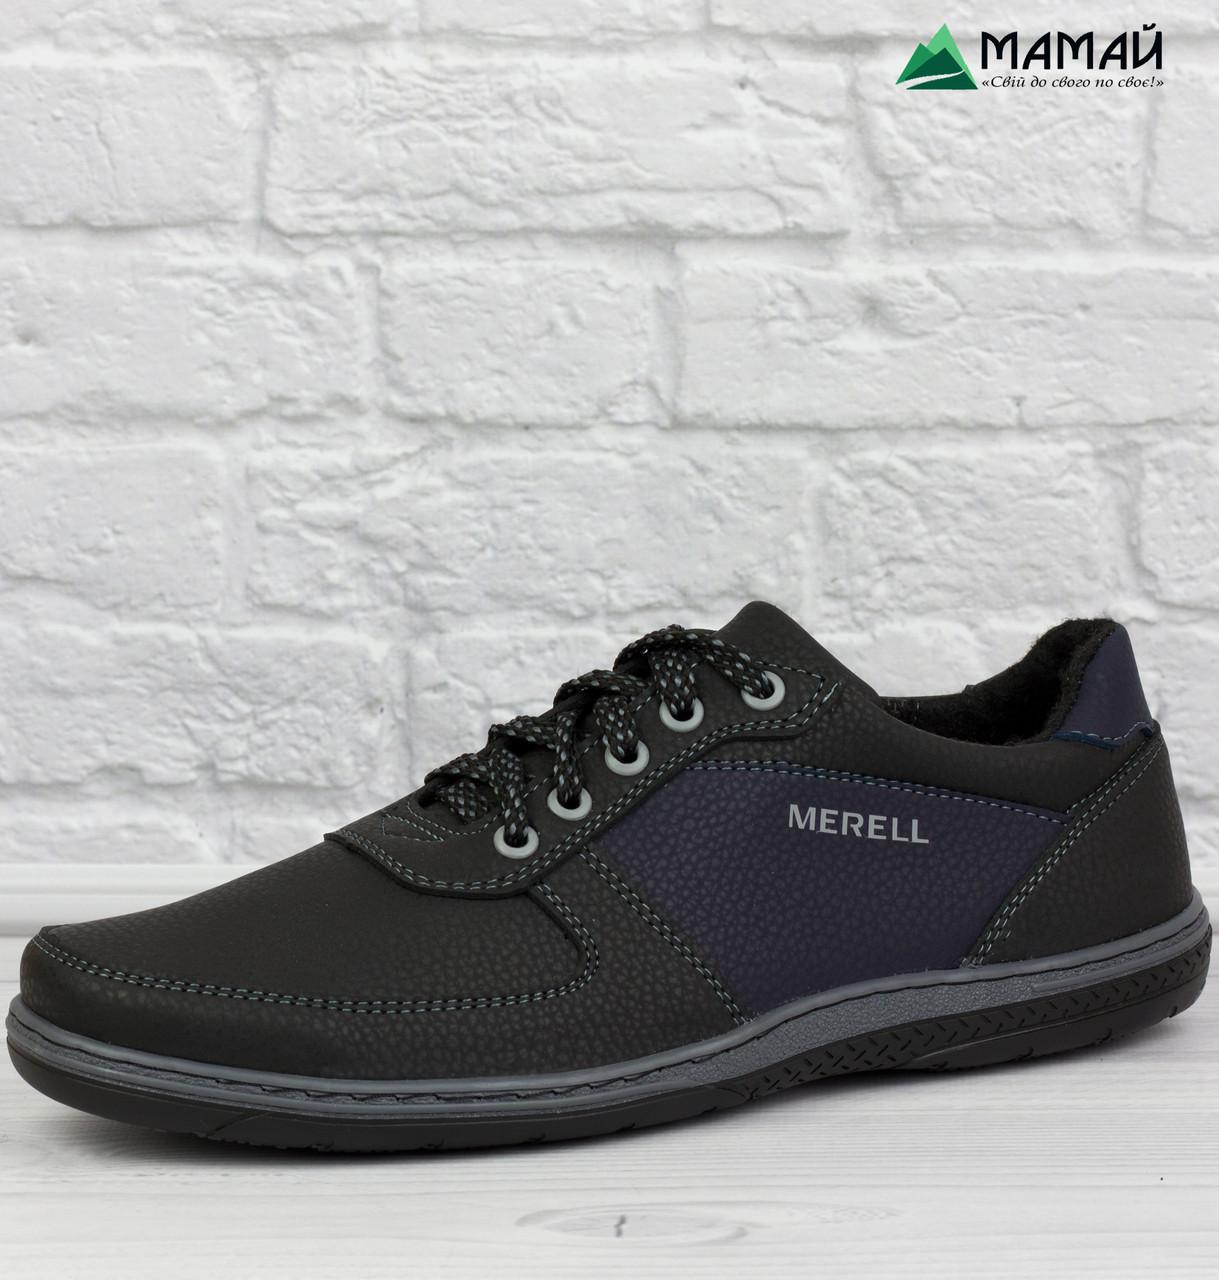 43р Чоловічі кросівки в стилі Merrell  продажа 0988828bbd280